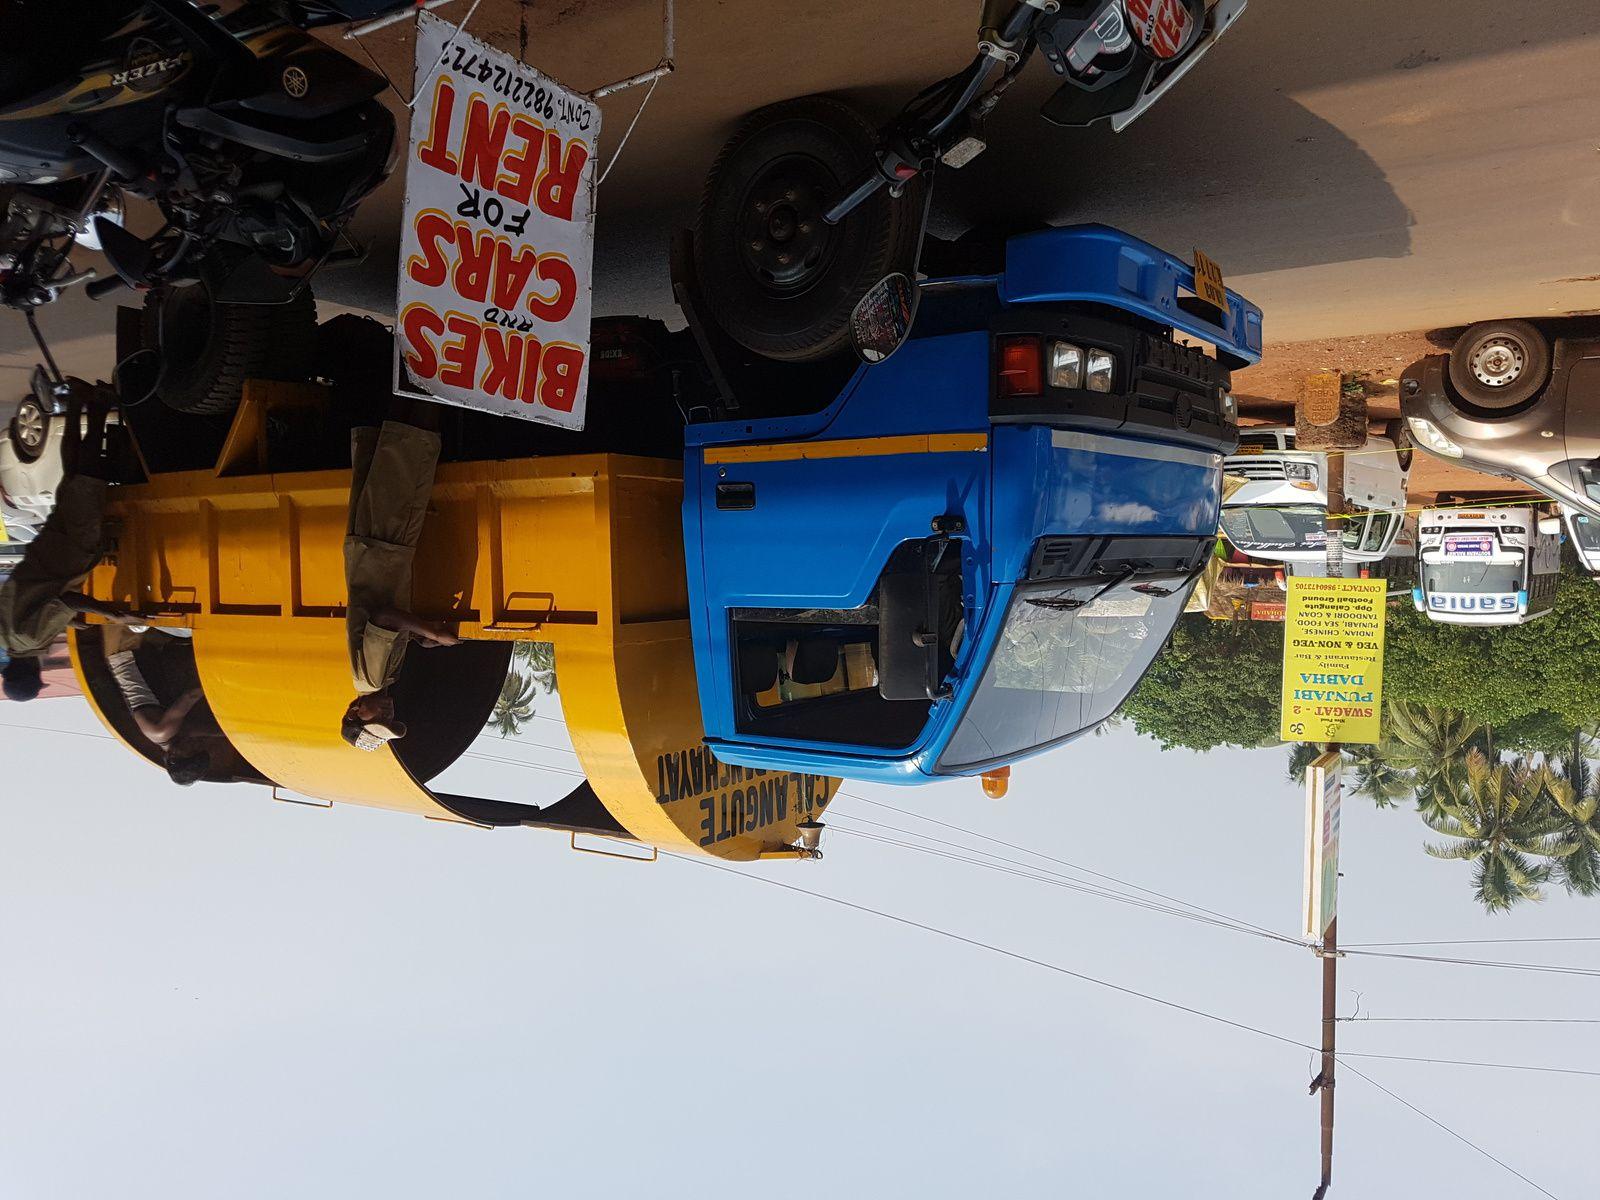 Le camion jaune et bleu ramasse les ordures....